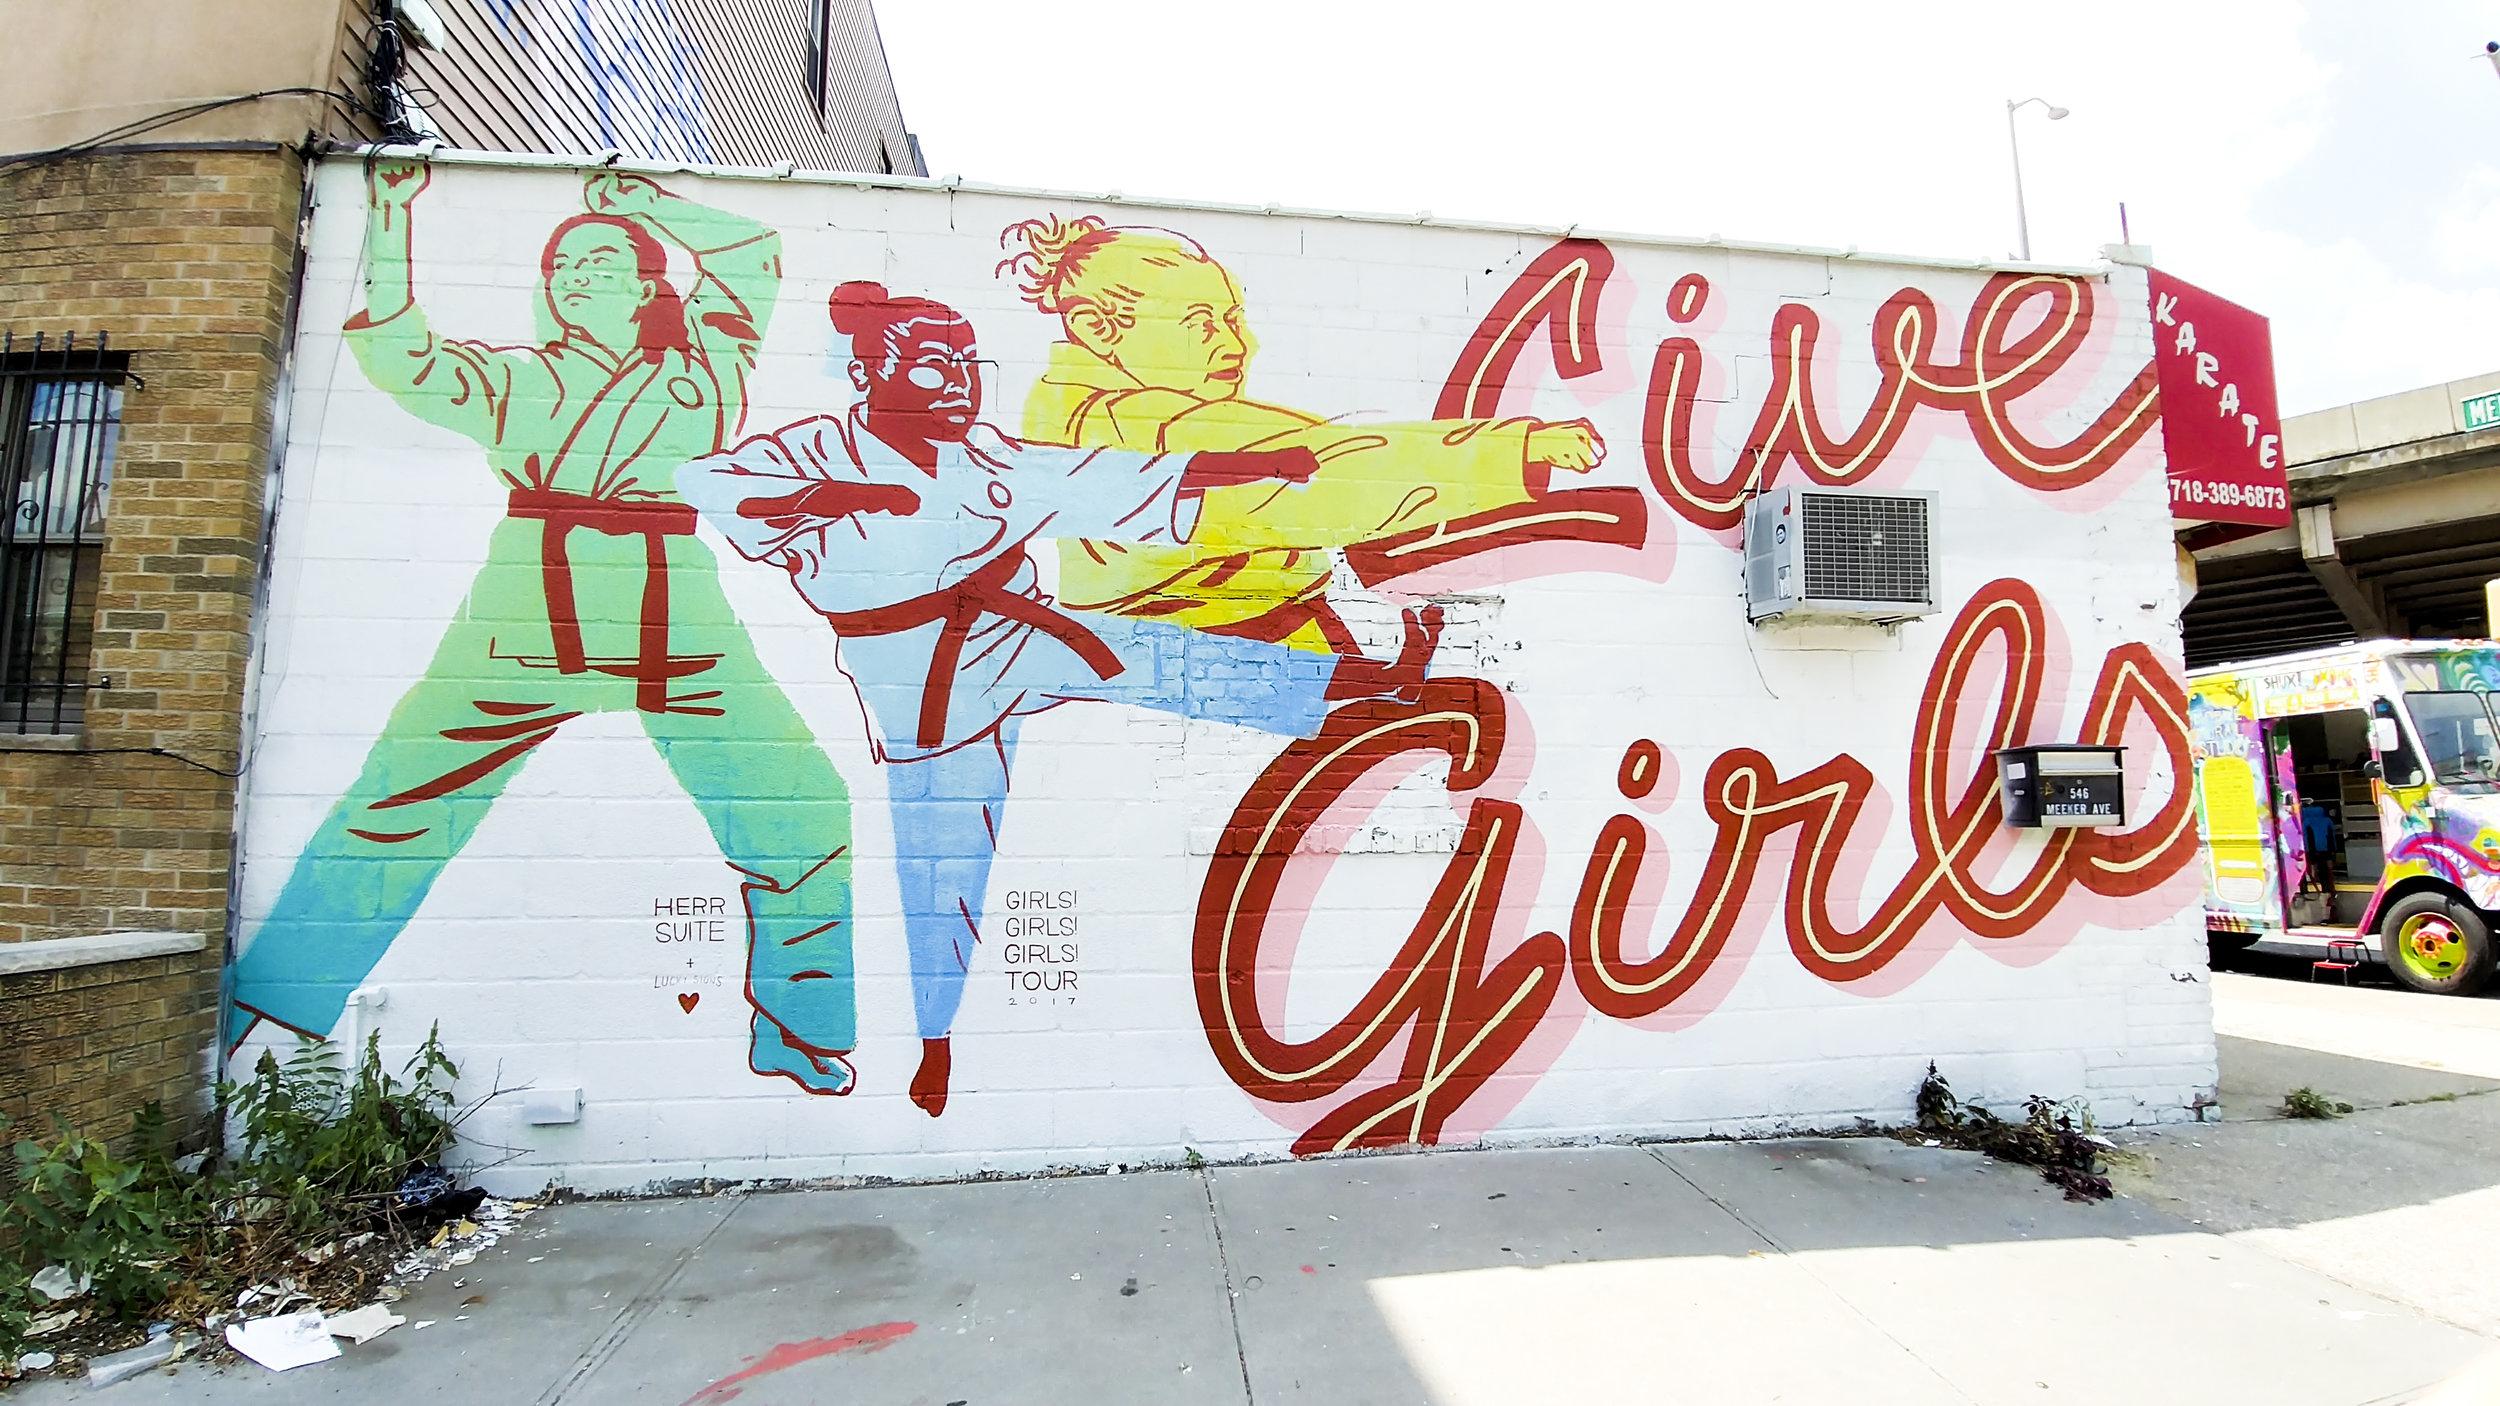 #girlsgirlsgirlstour